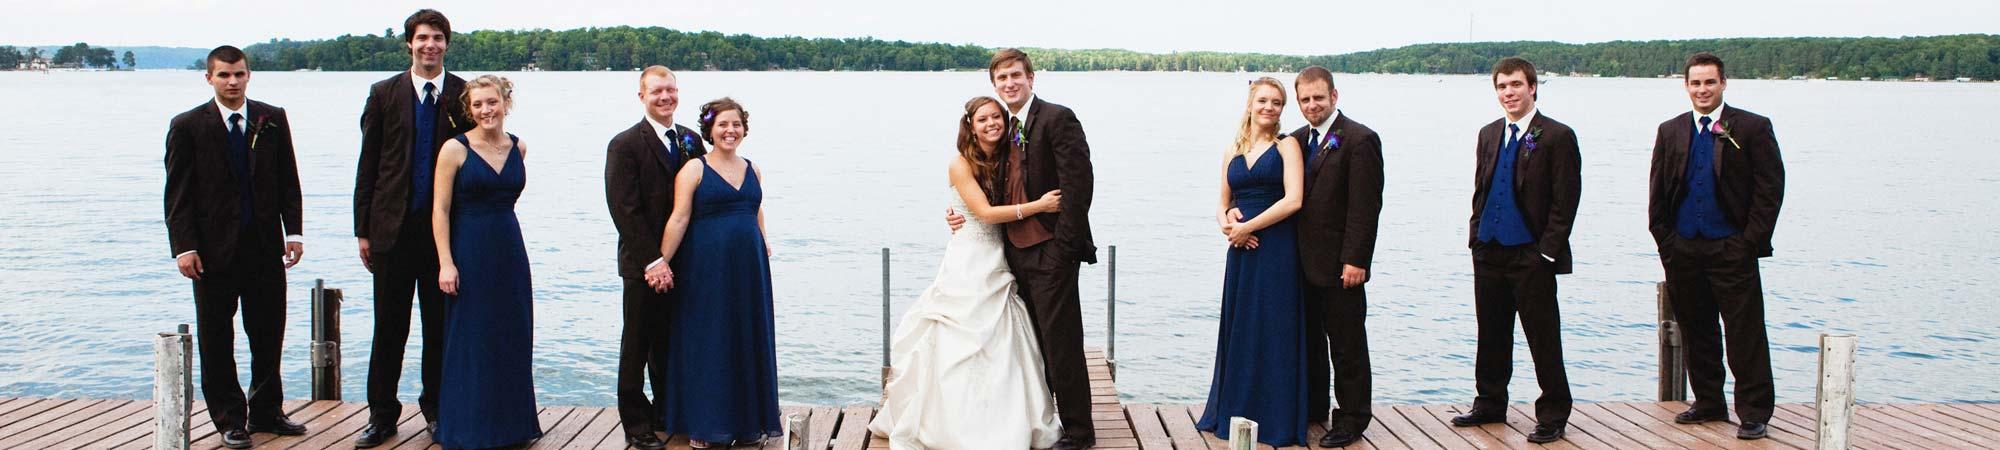 slide-wedding_dock_2000x450